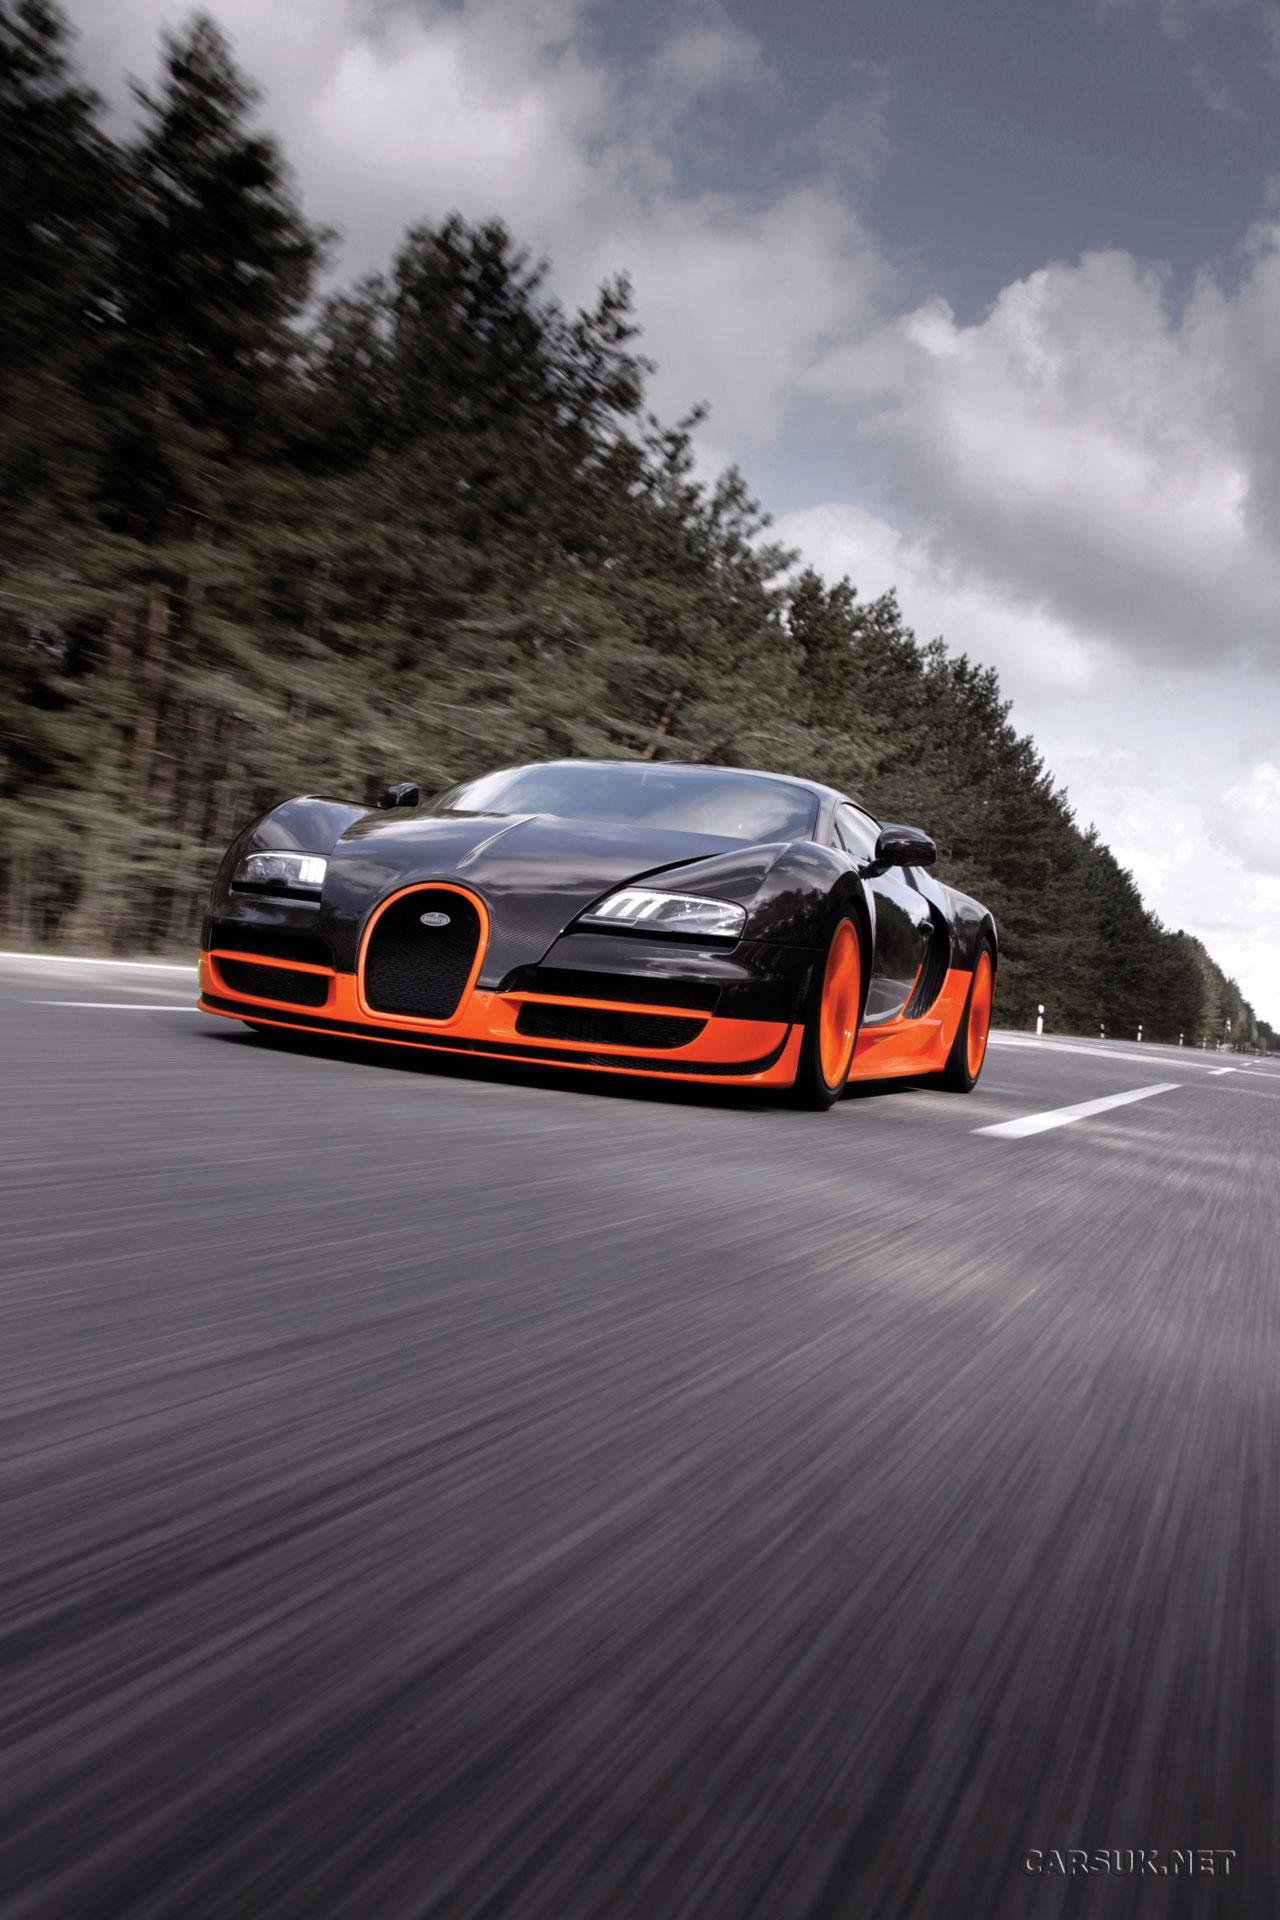 16 4 Bugatti Sport Super Veyron Racing Car